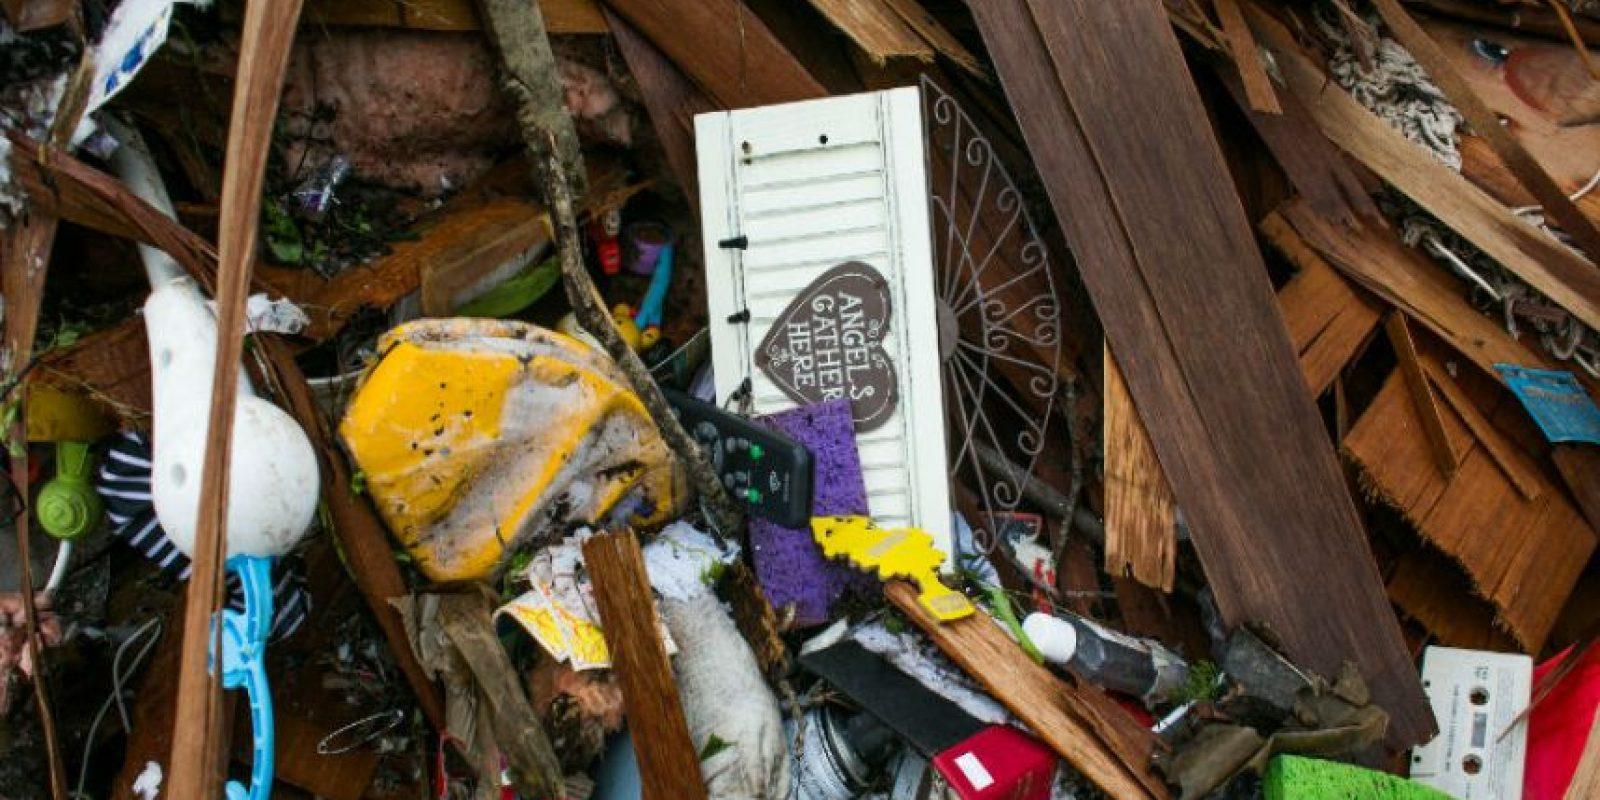 Dos personas murieron debido a las inundaciones en Houston, Texas. Foto:Getty Images